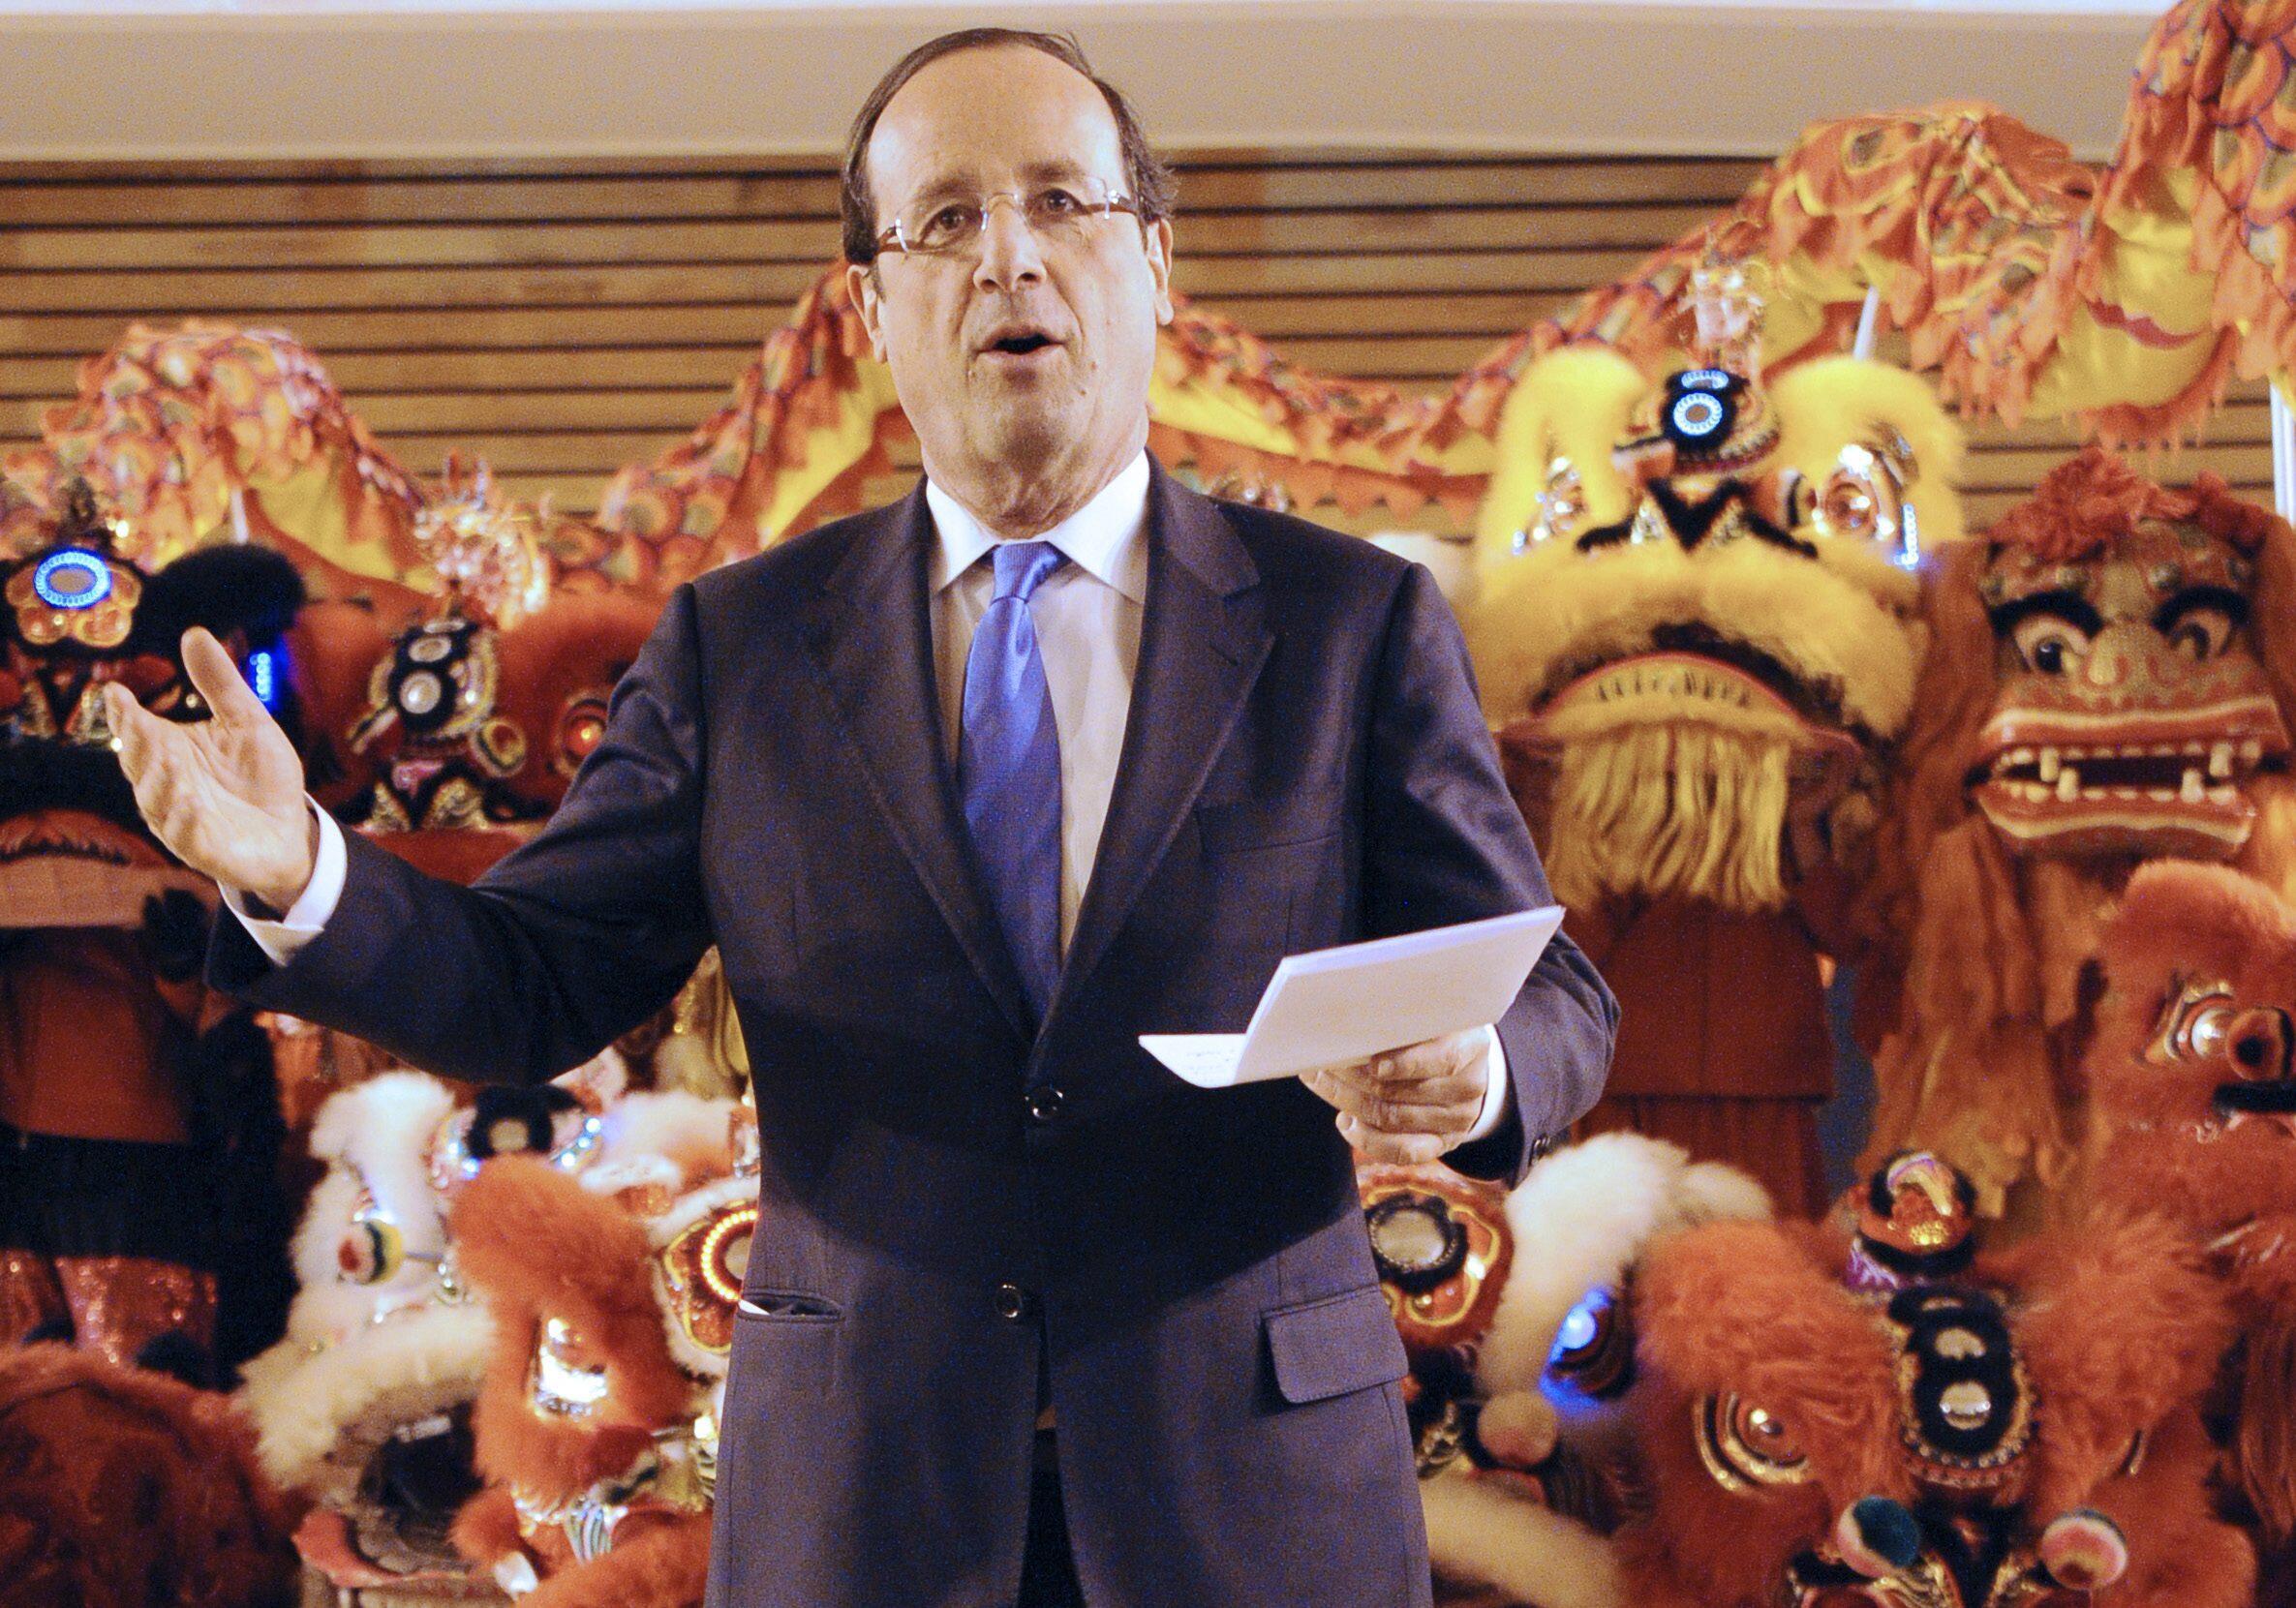 Ứng viên tổng thống Pháp của đảng Xã Hội François Hollande tham dự lễ mừng Tết Nguyên đán, Paris, 29/01/2012